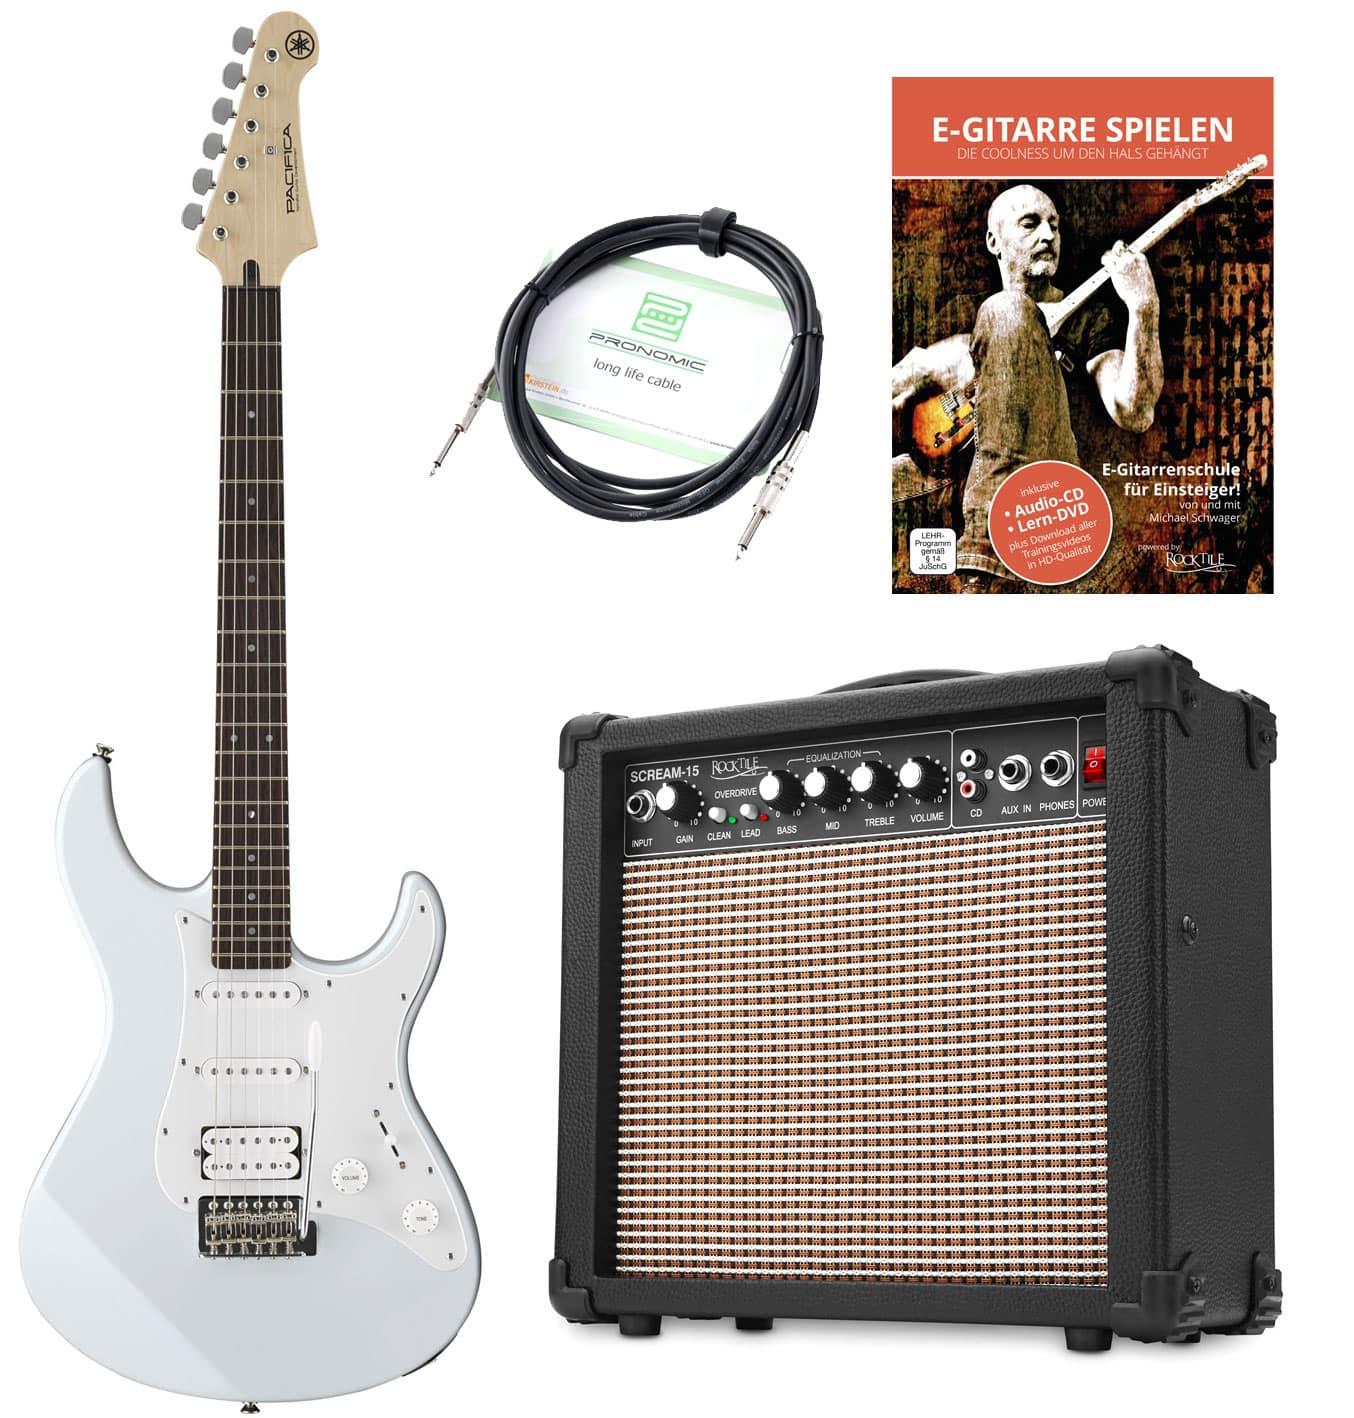 Egitarren - Yamaha Pacifica 012 VW E Gitarre Set inkl. Amp Kabel E Gitarrenschule Weiß - Onlineshop Musikhaus Kirstein